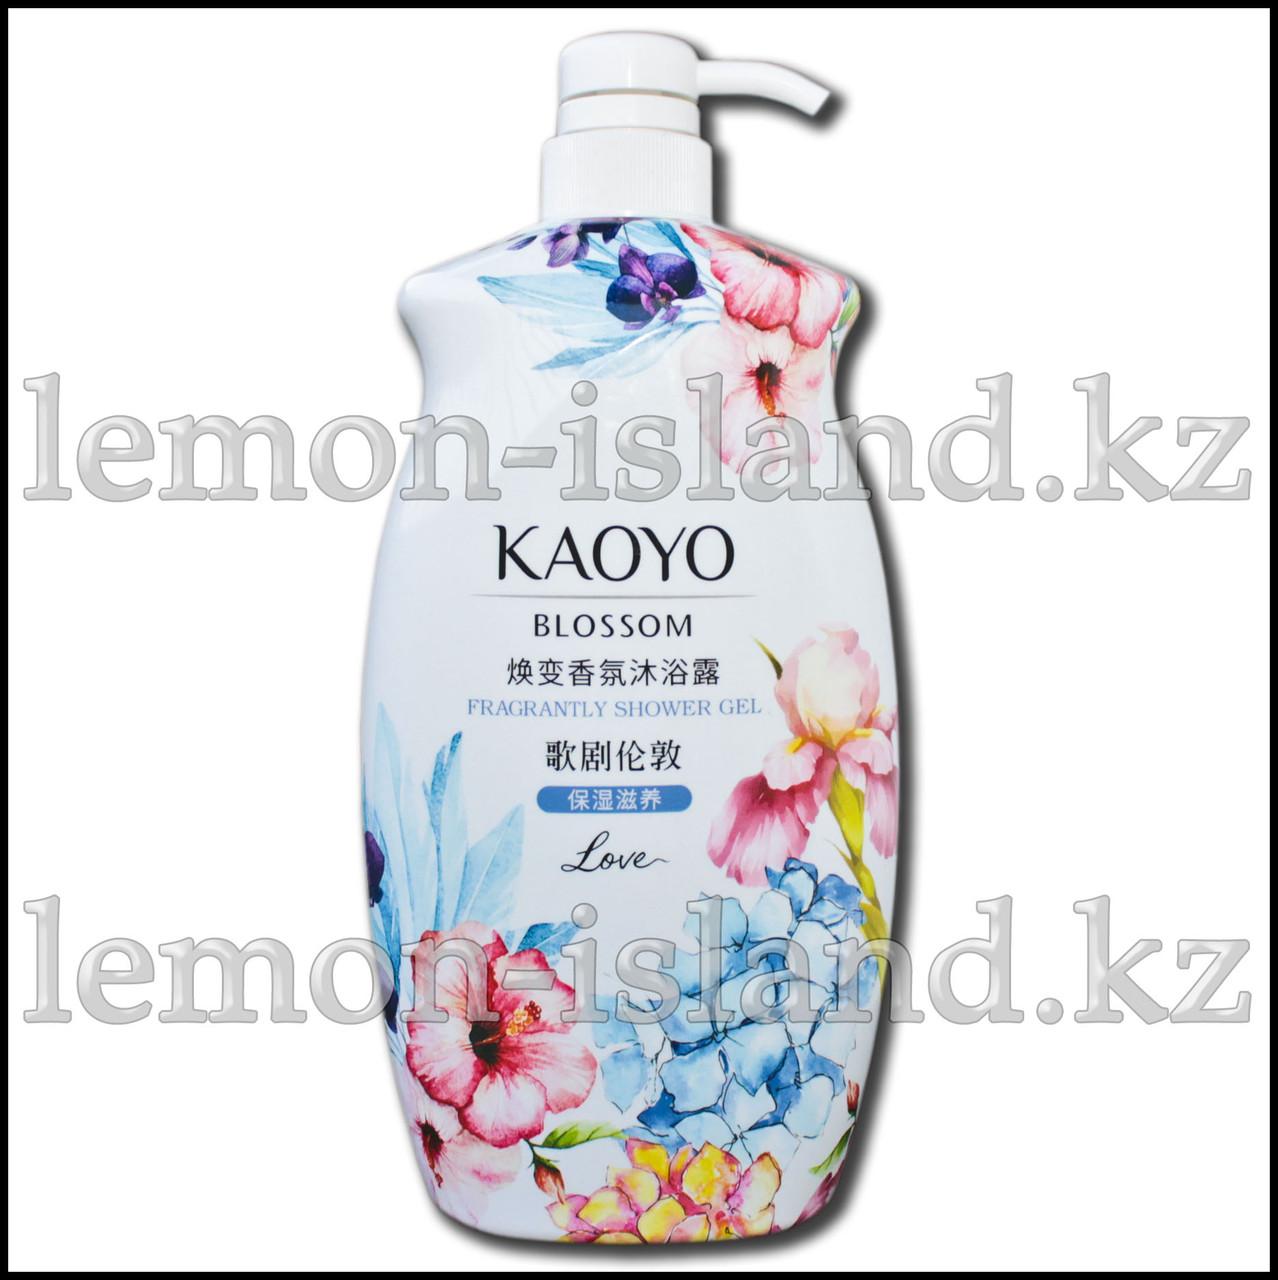 """Крем-гель для душа/пена для ванны Kaoyo """"Лондонская Опера"""" с цветочными экстрактами"""